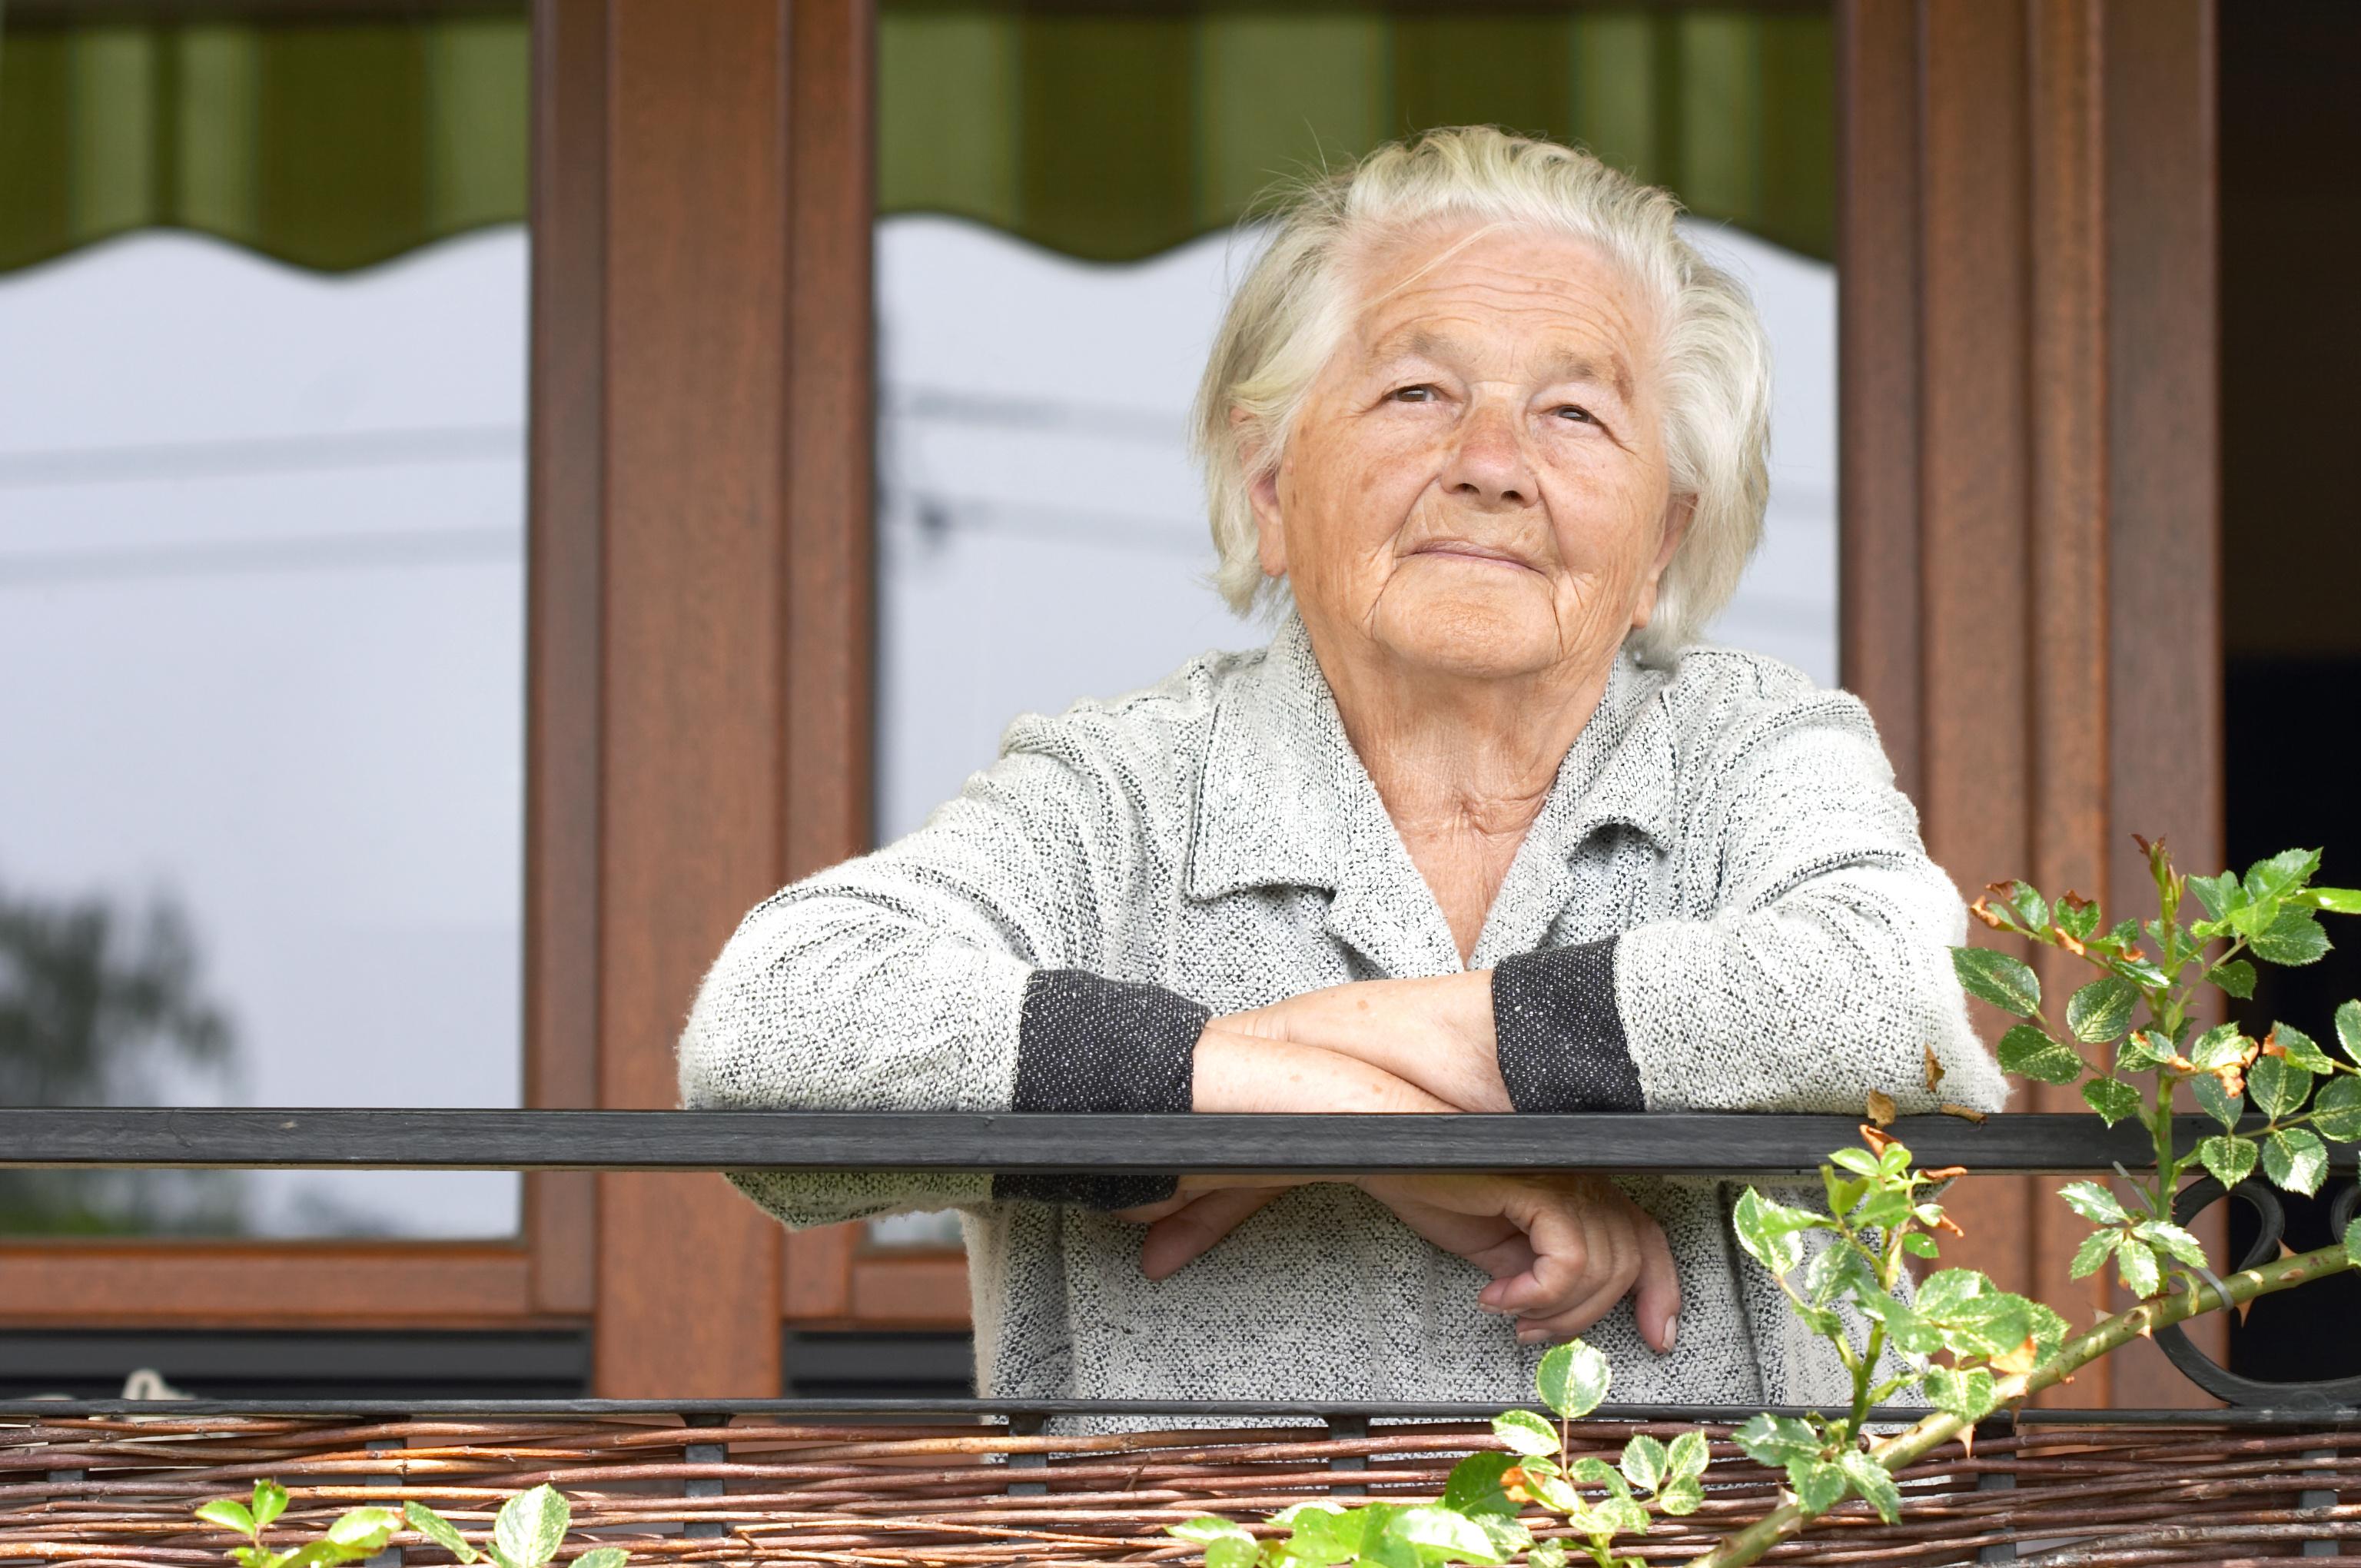 Zu Hause Wohnen mit demenz zu hause wohnen presseportal schweiz ch